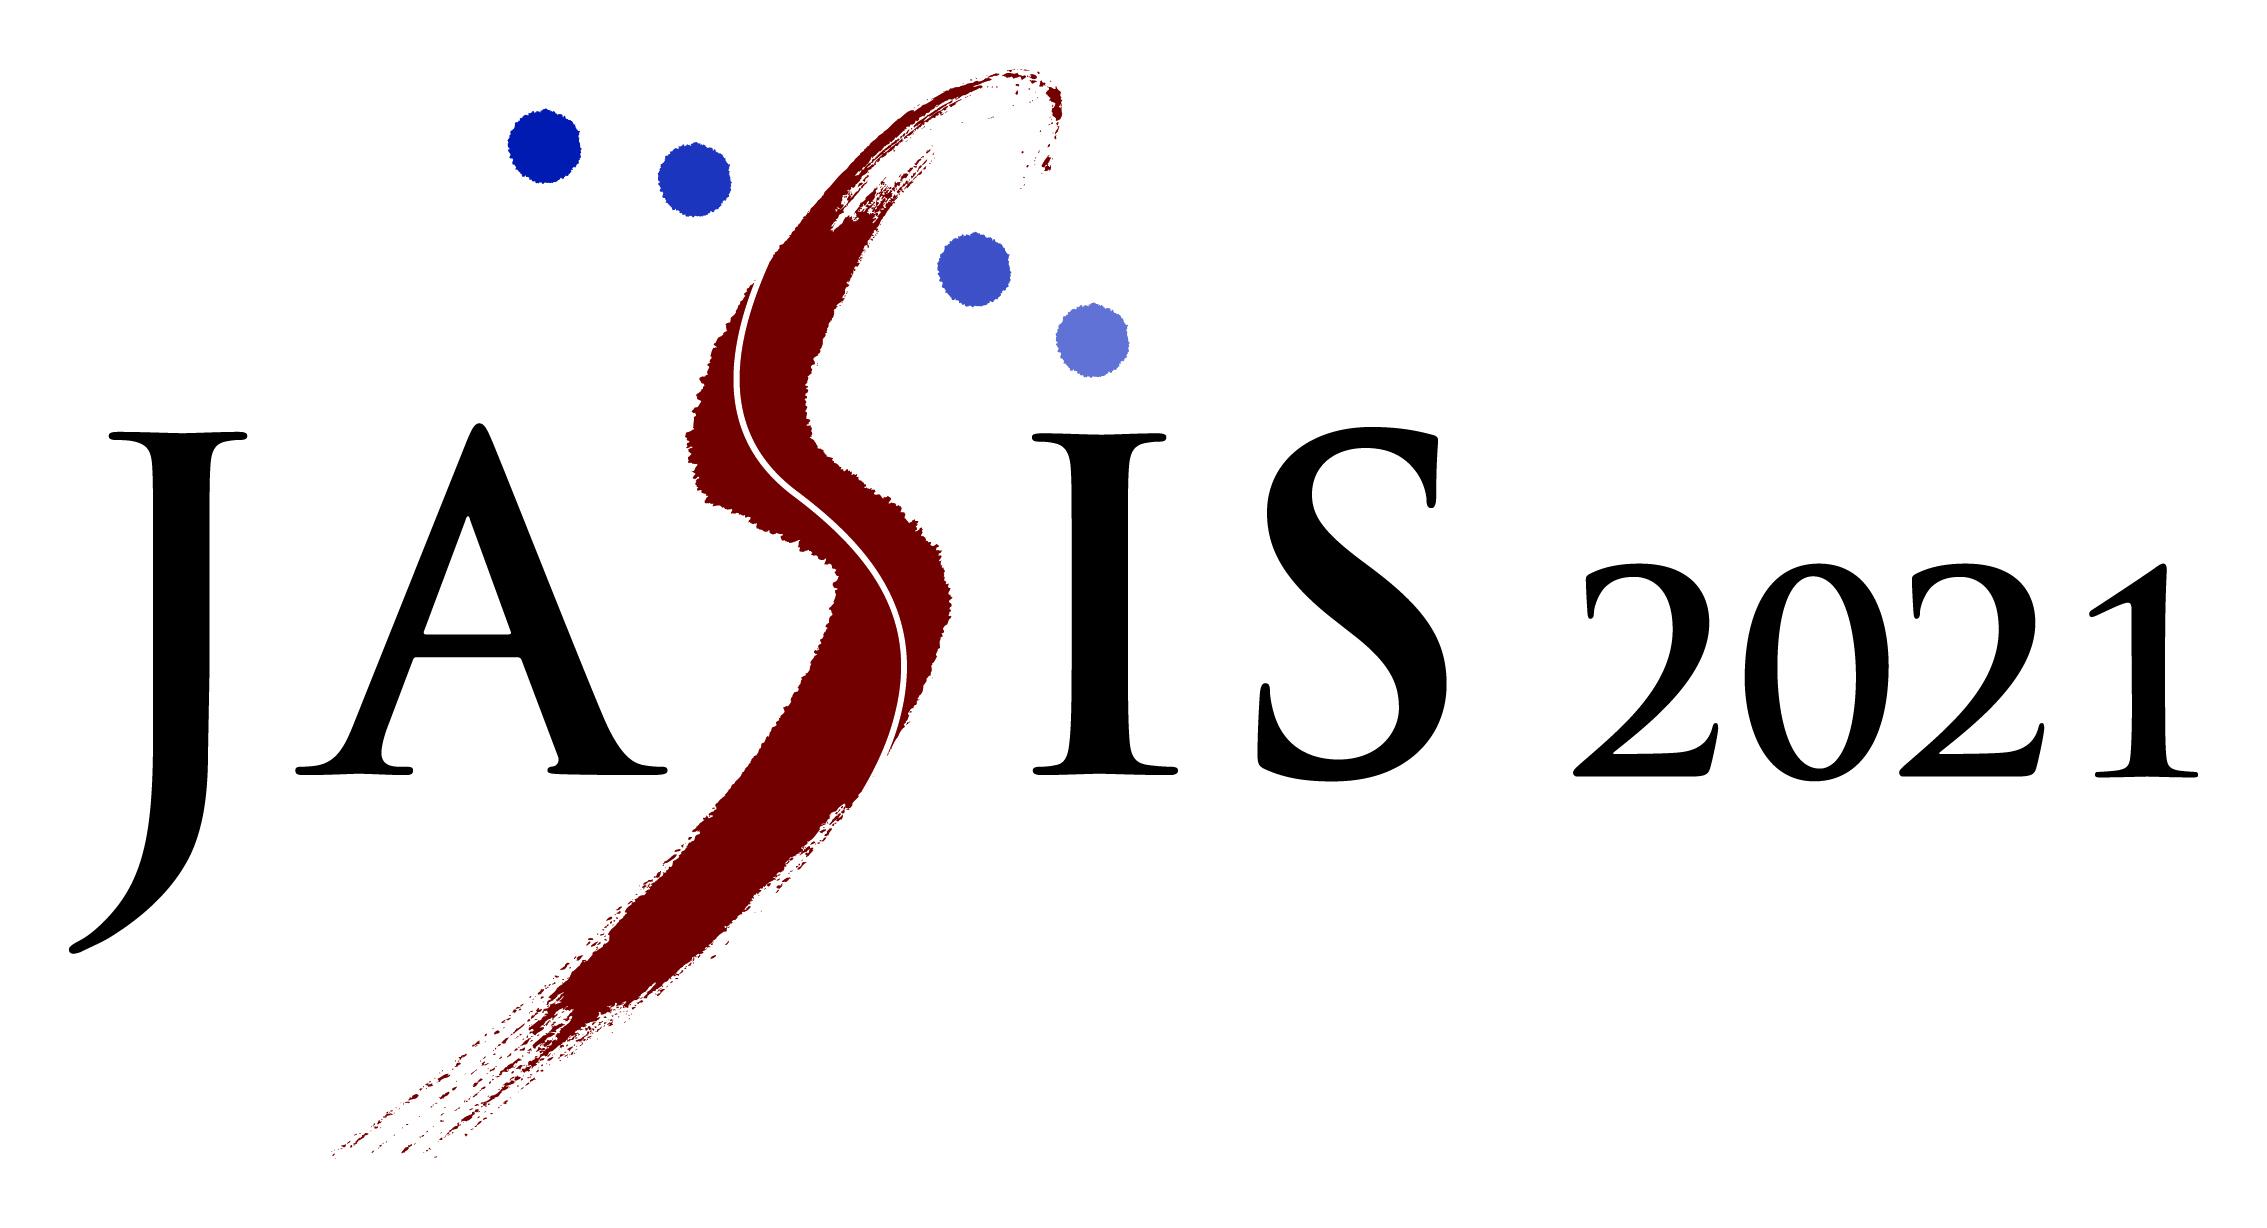 jasis2021